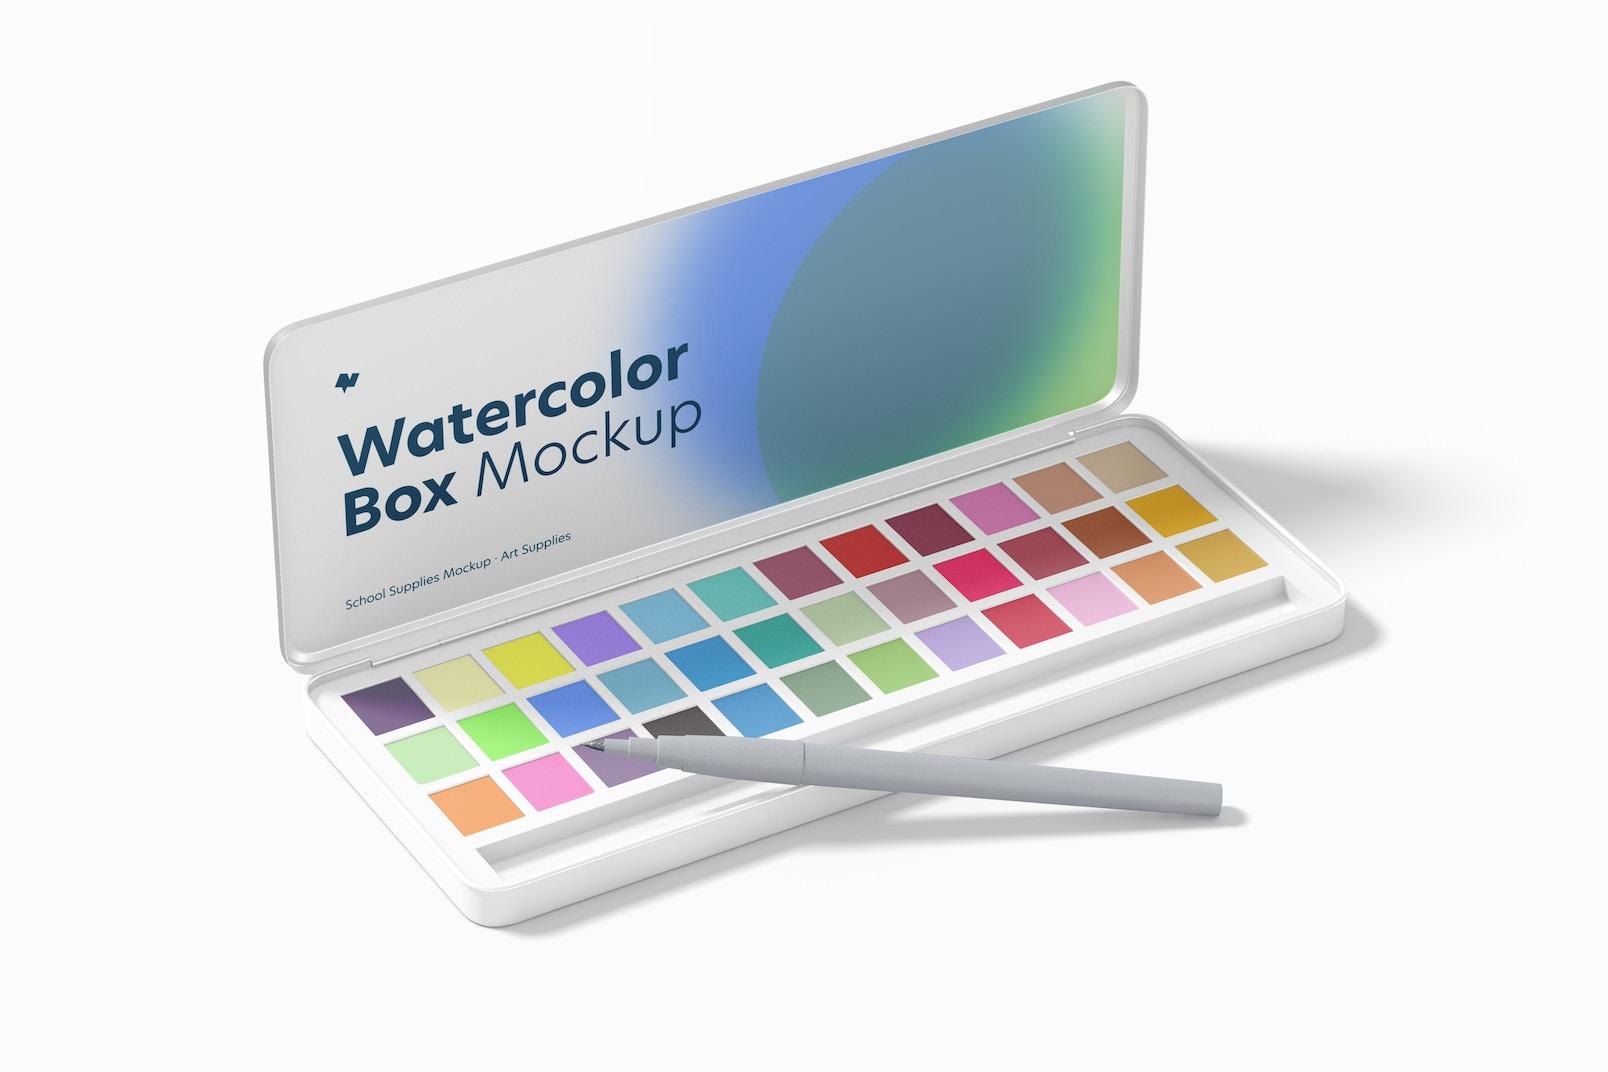 Watercolor Box Mockup